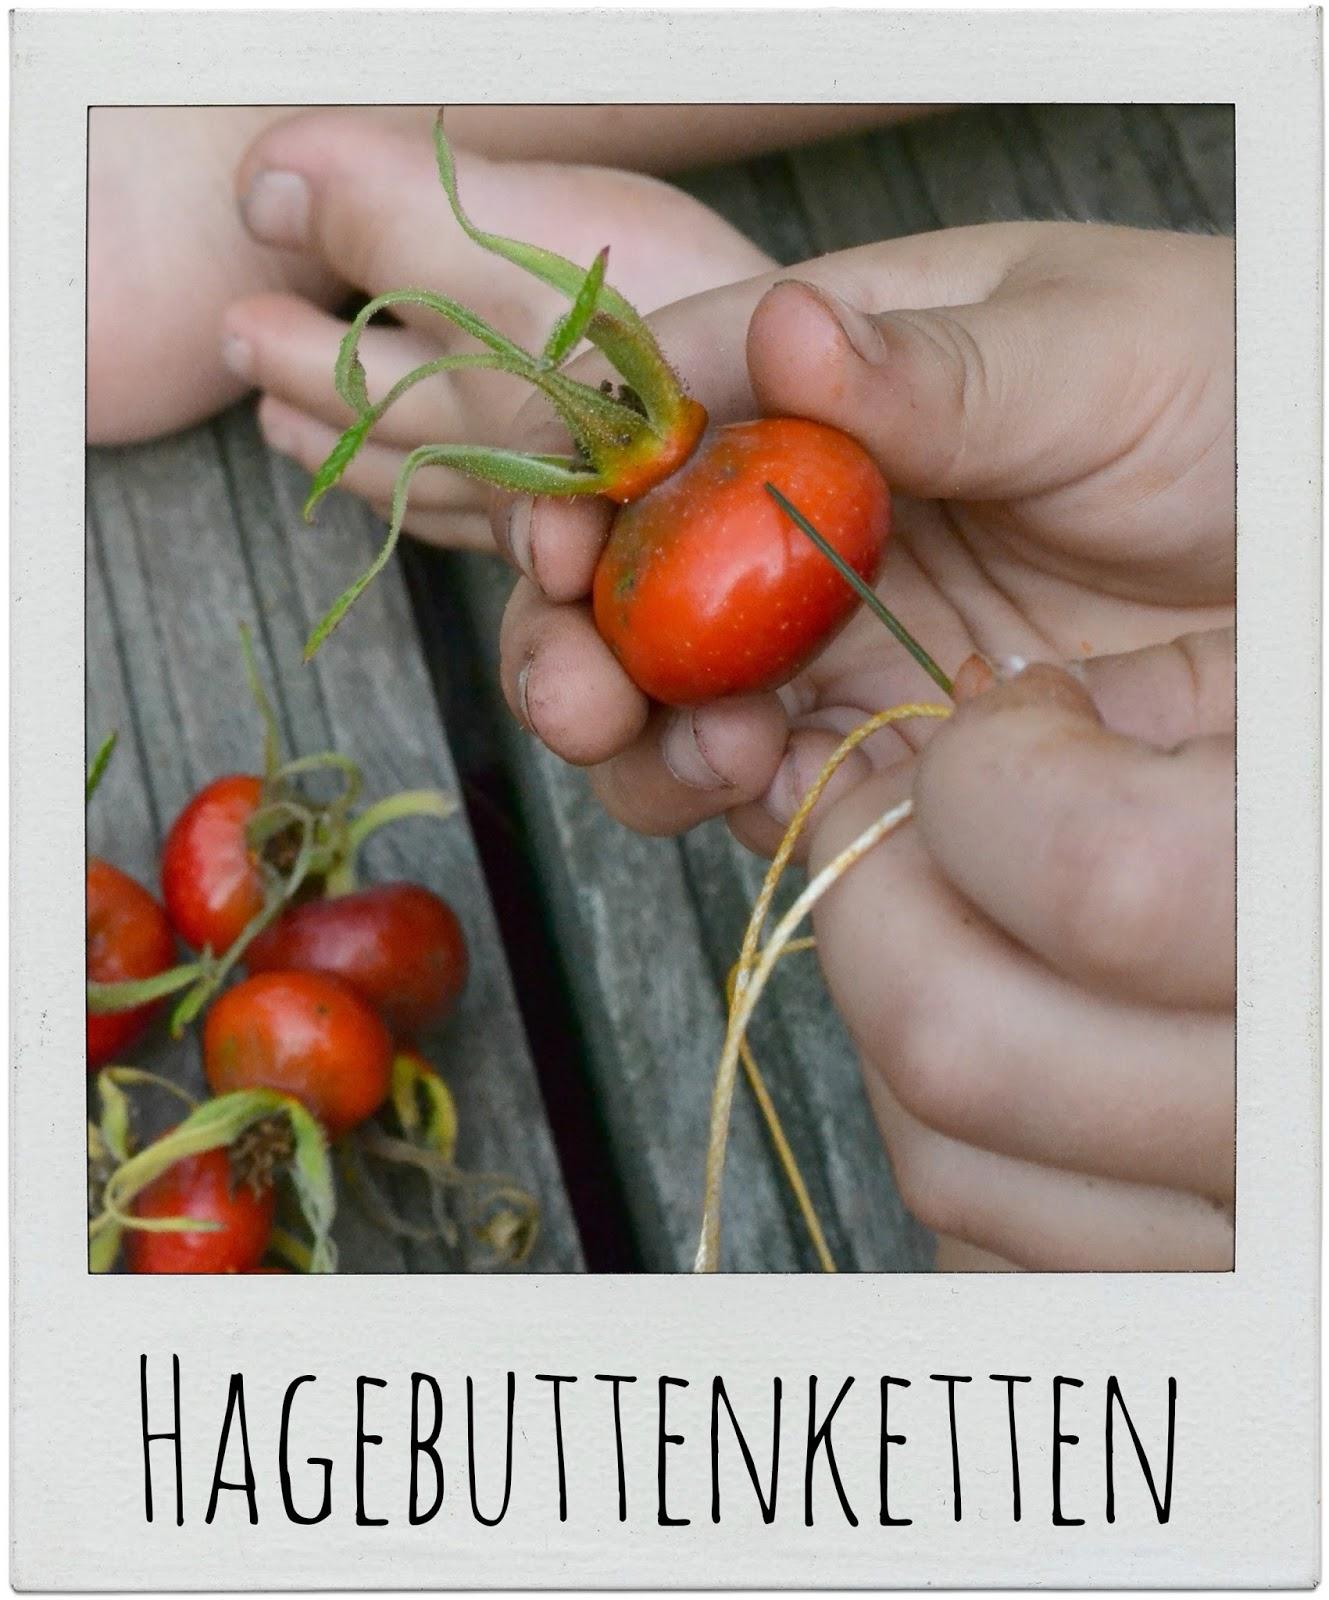 http://gemachtesundgedachtes.blogspot.de/2013/08/genesungshelfer-und-hagebuttenketten.html